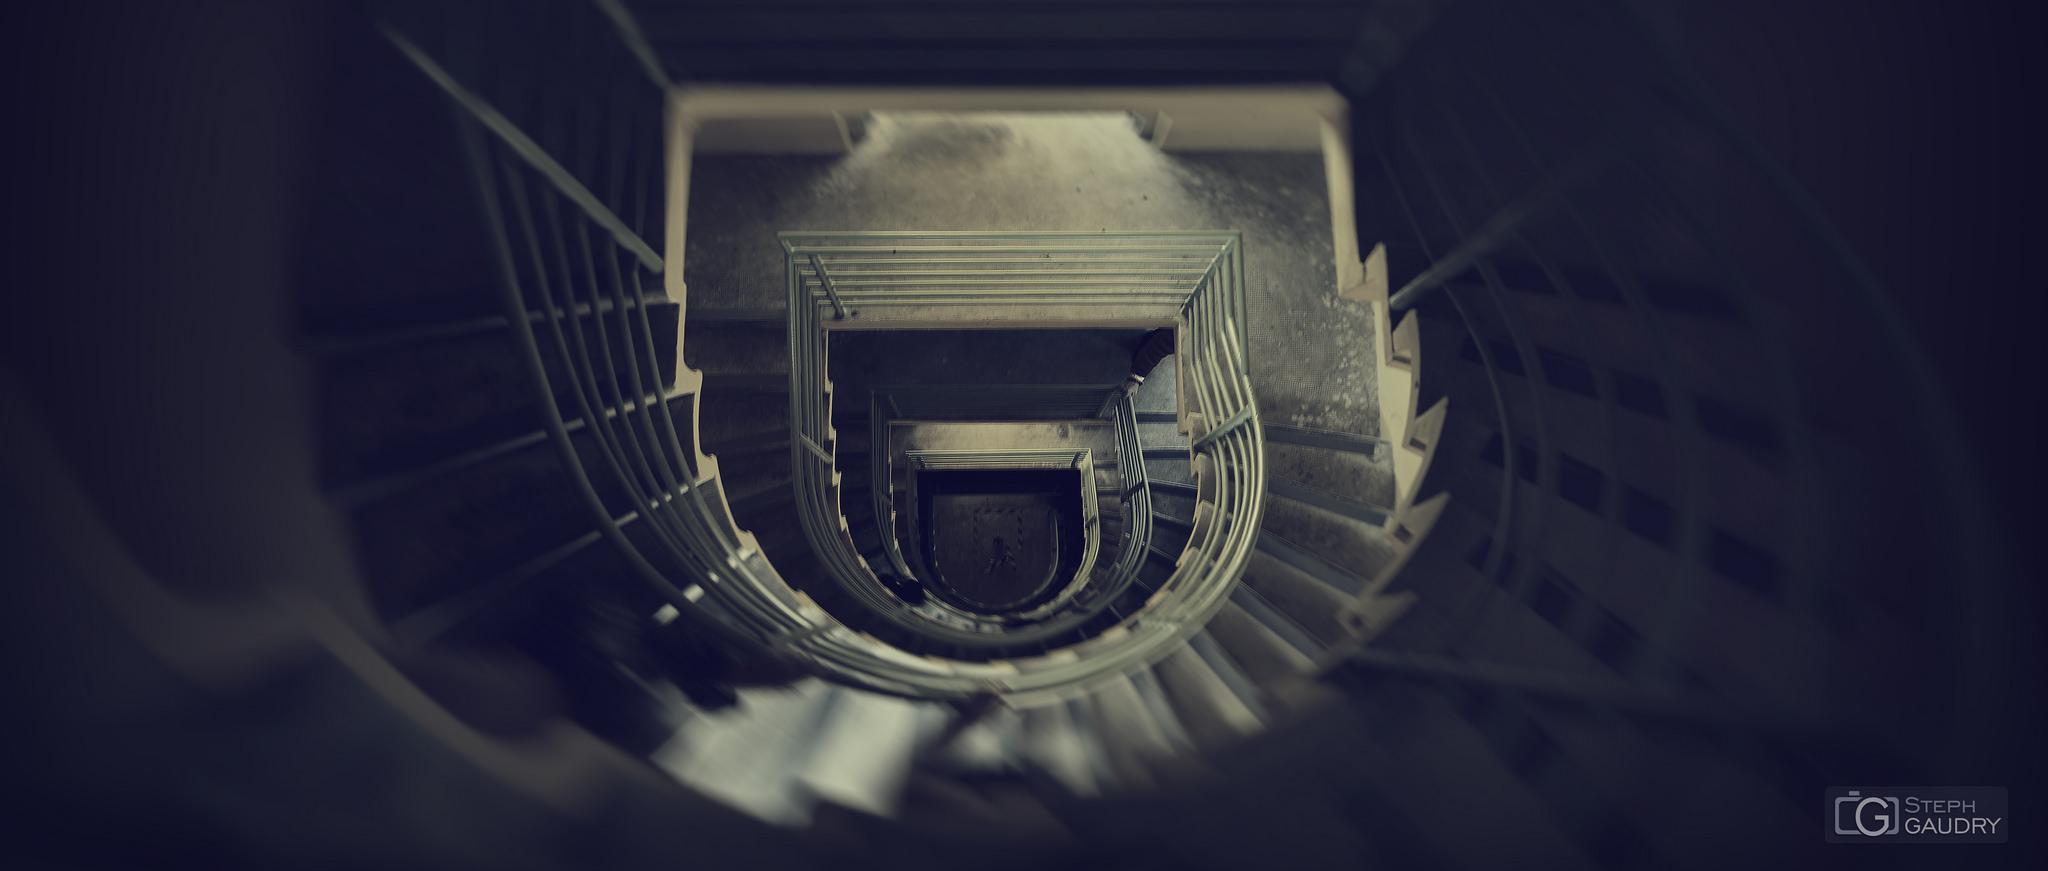 Intrappolato nella spirale del tempo a Pisa [Cliquez pour lancer le diaporama]